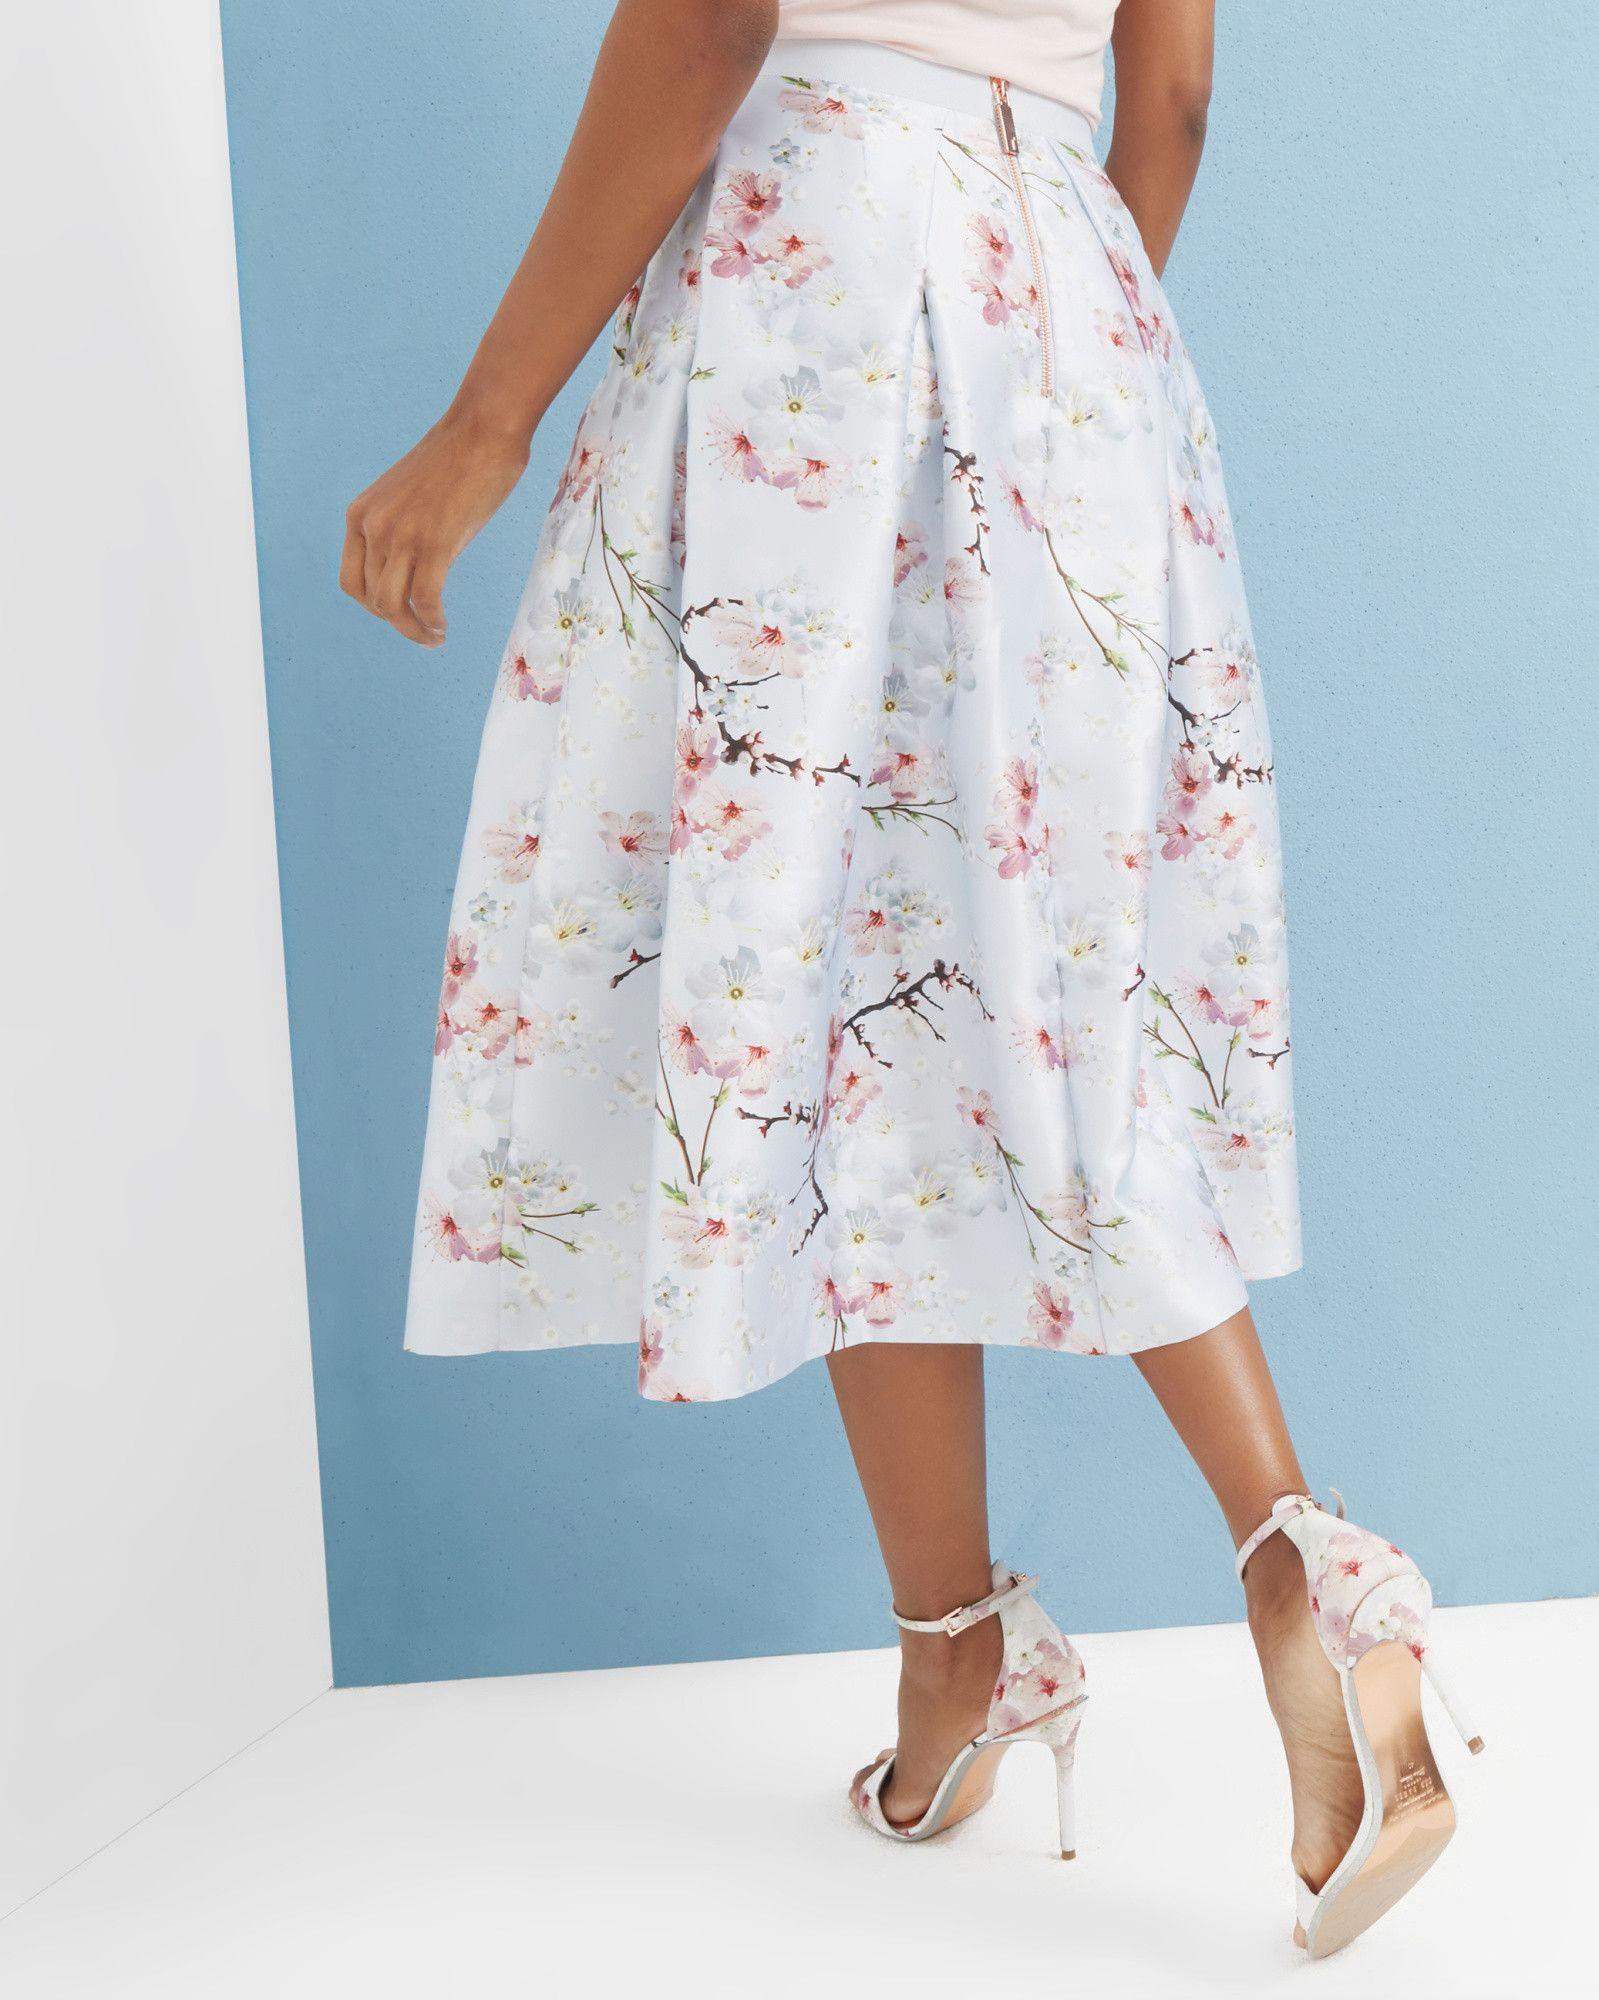 c5e06b61d021f Oriental Blossom full skirt - Light Grey